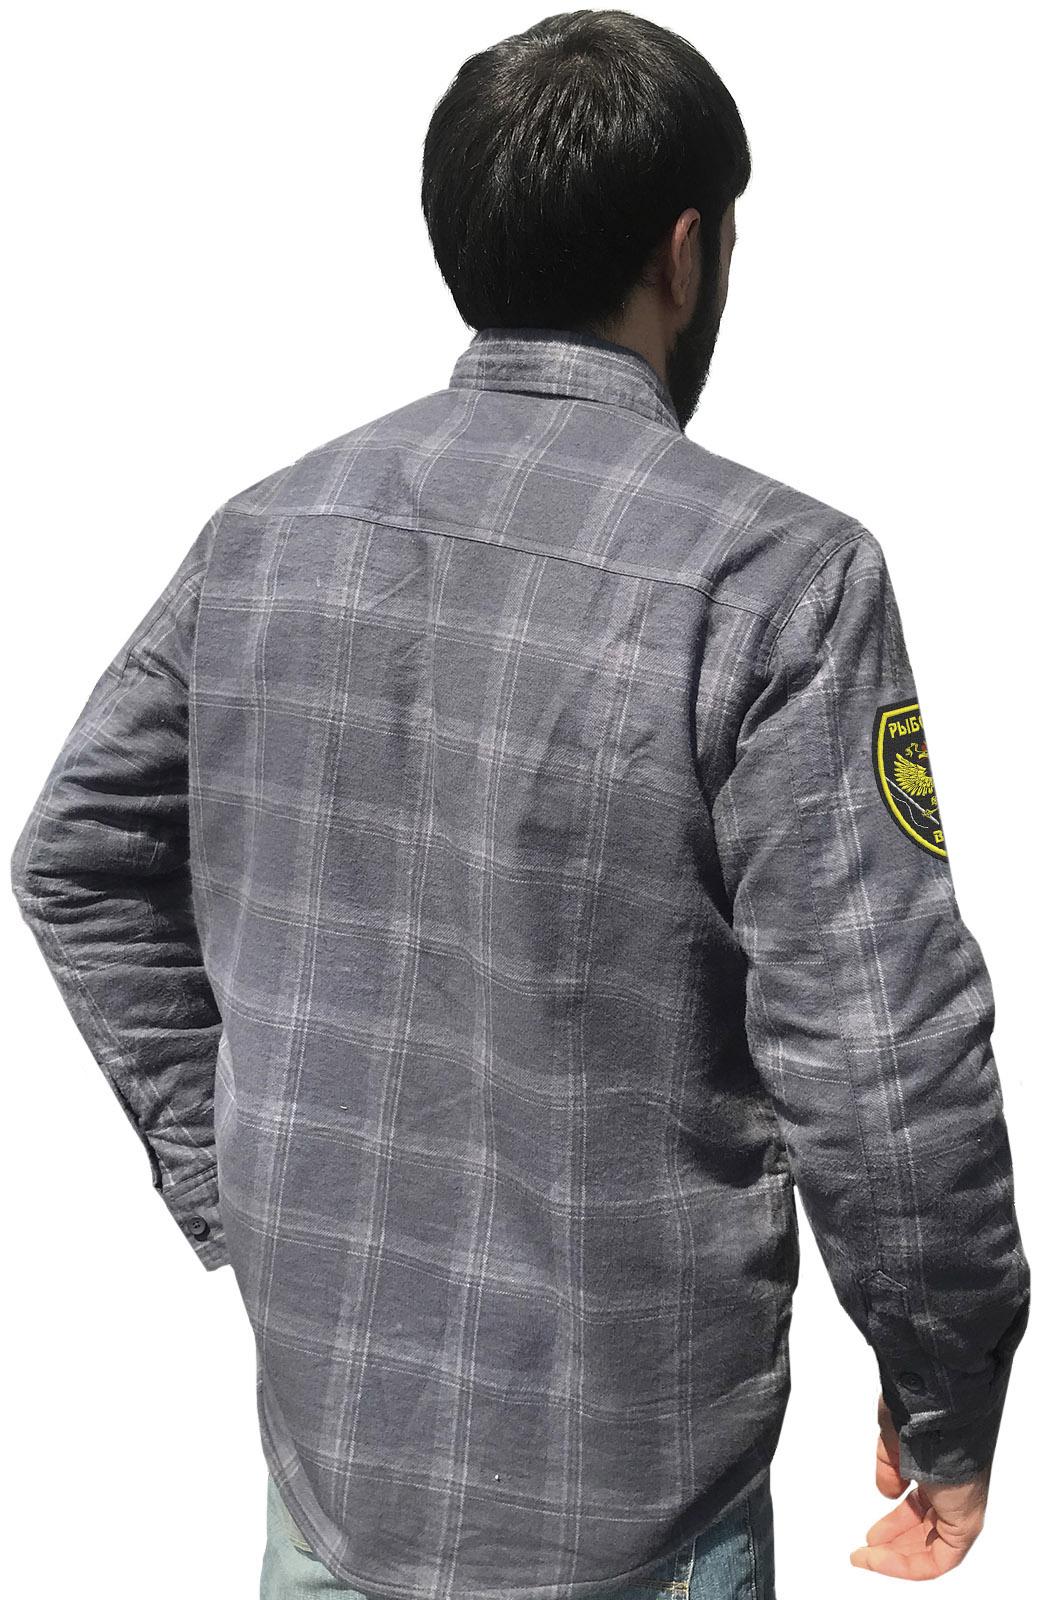 Купить серую рубашку с вышитым шевроном Рыболовные Войска оптом или в розницу